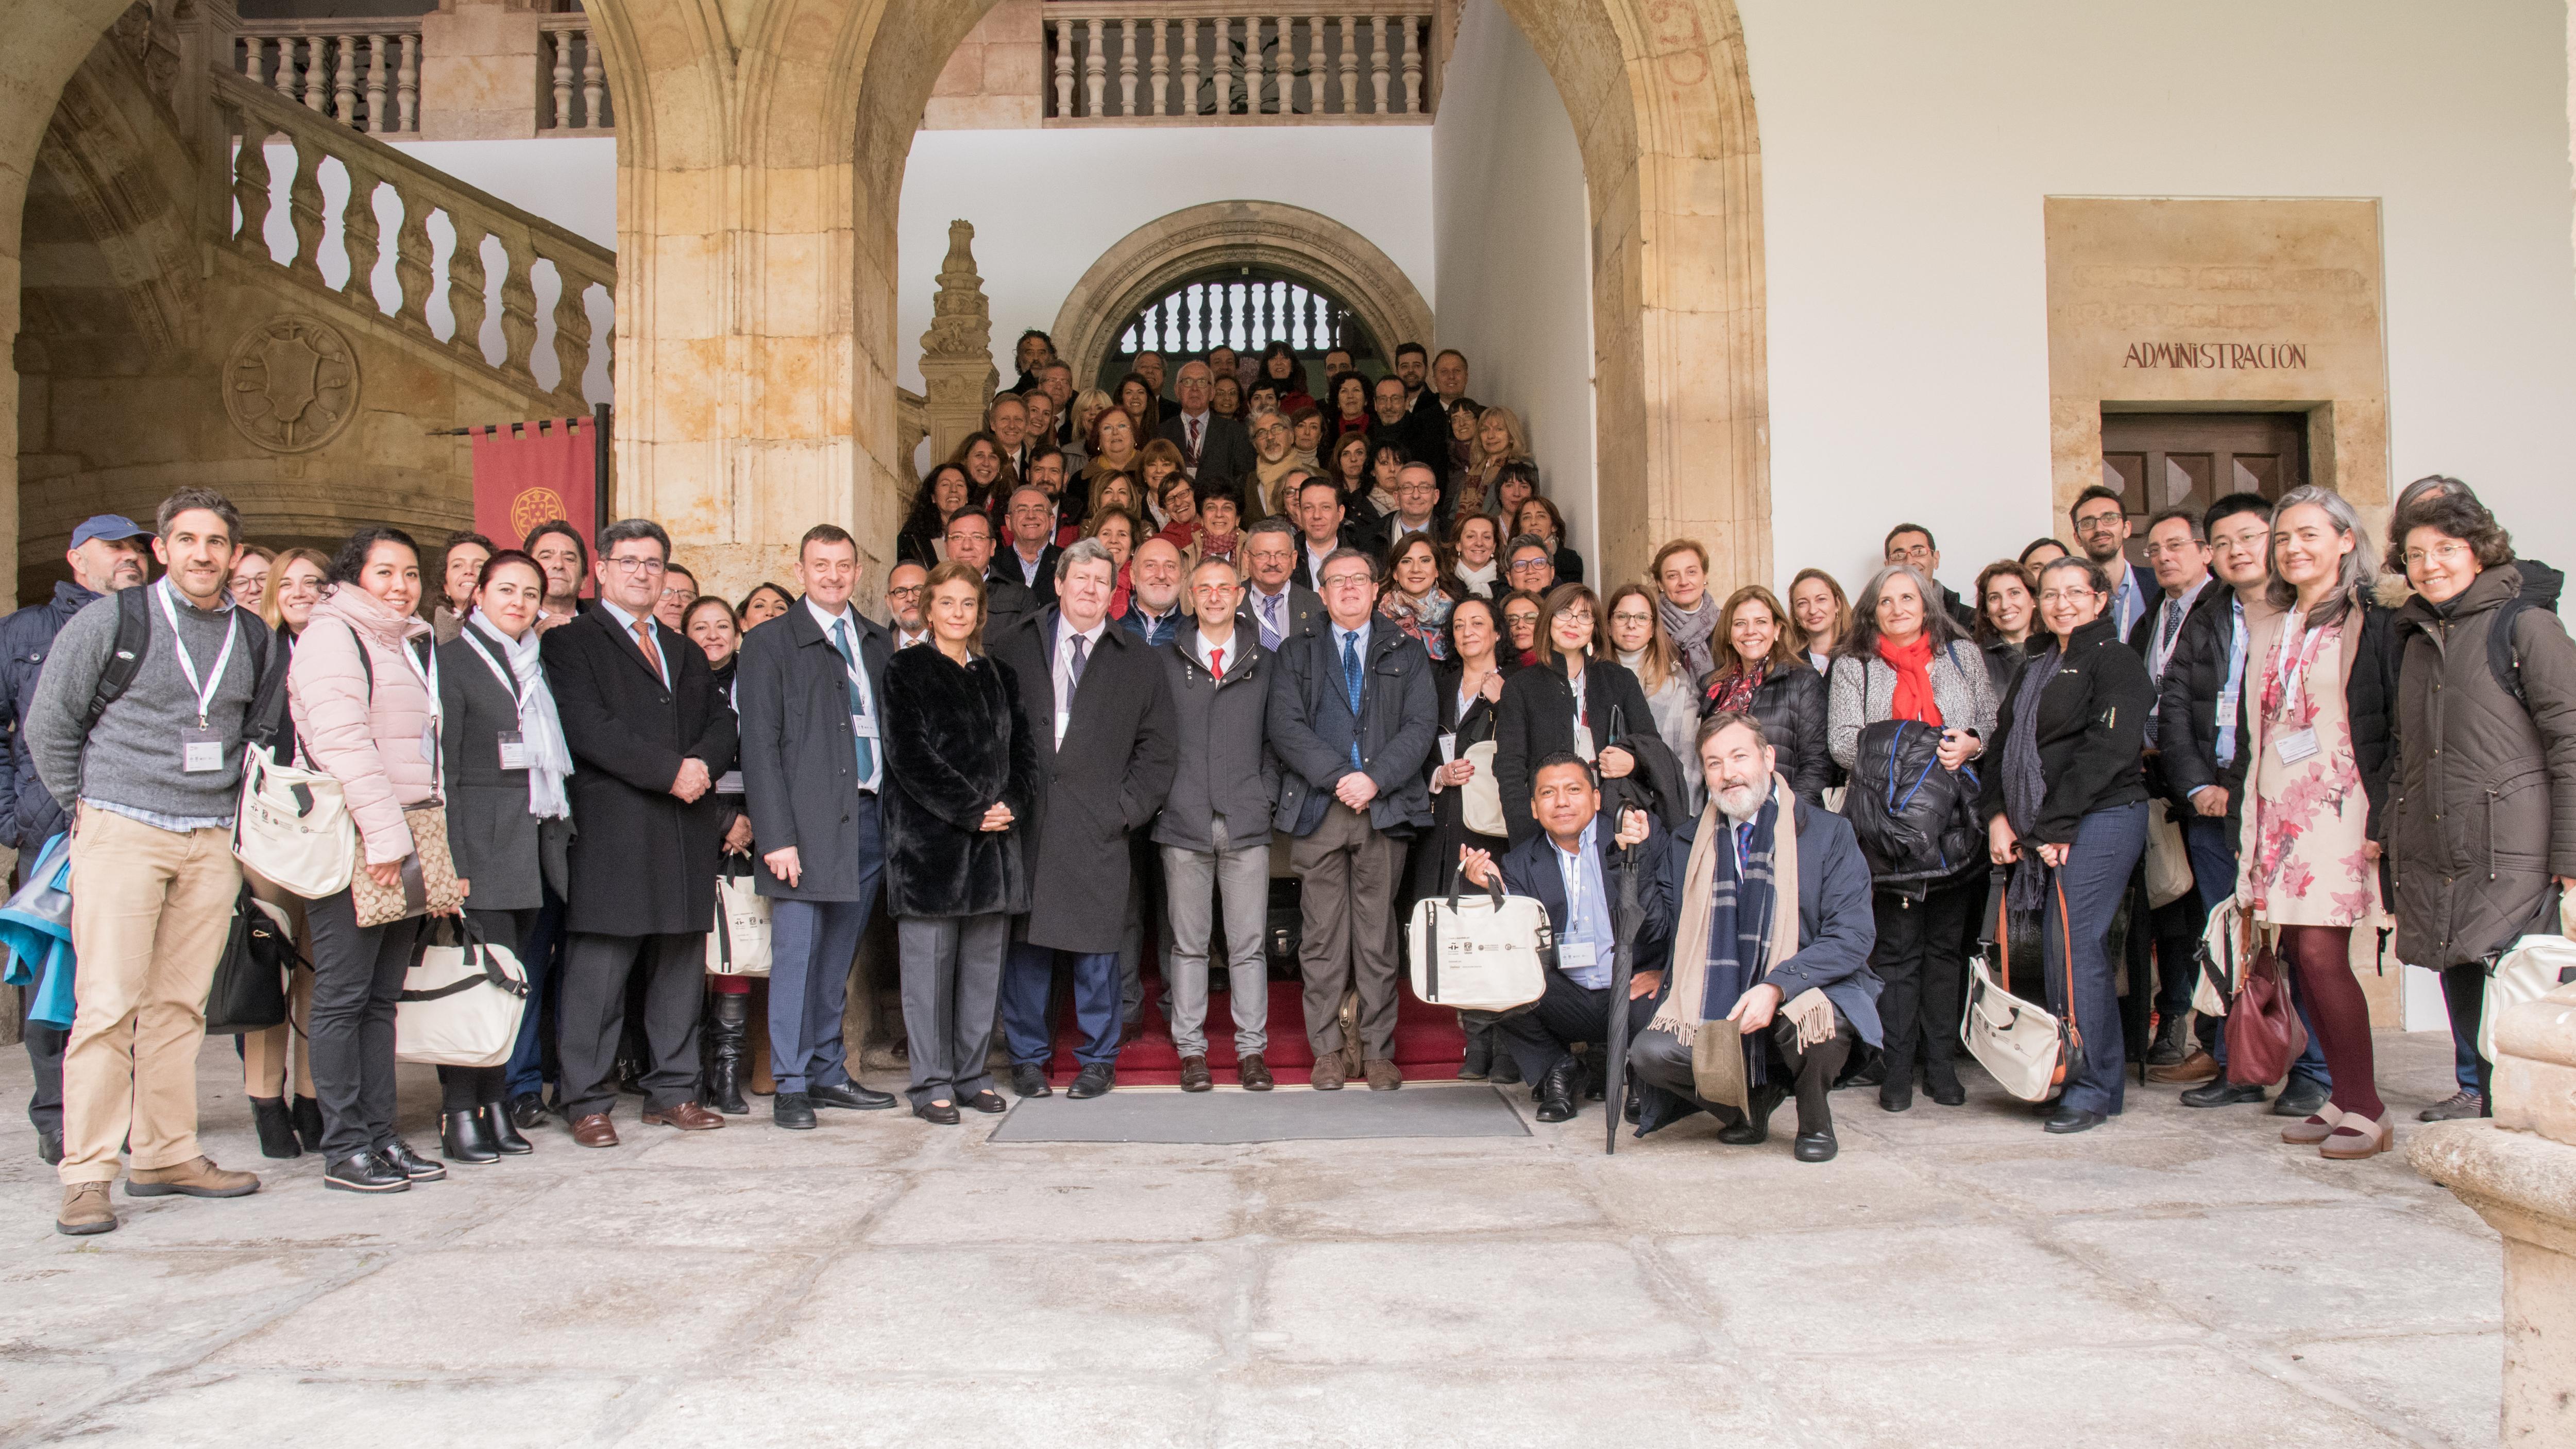 Más de 70 universidades e instituciones educativas del ámbito hispanoamericano impulsan en la Universidad de Salamanca la implantación del SIELE